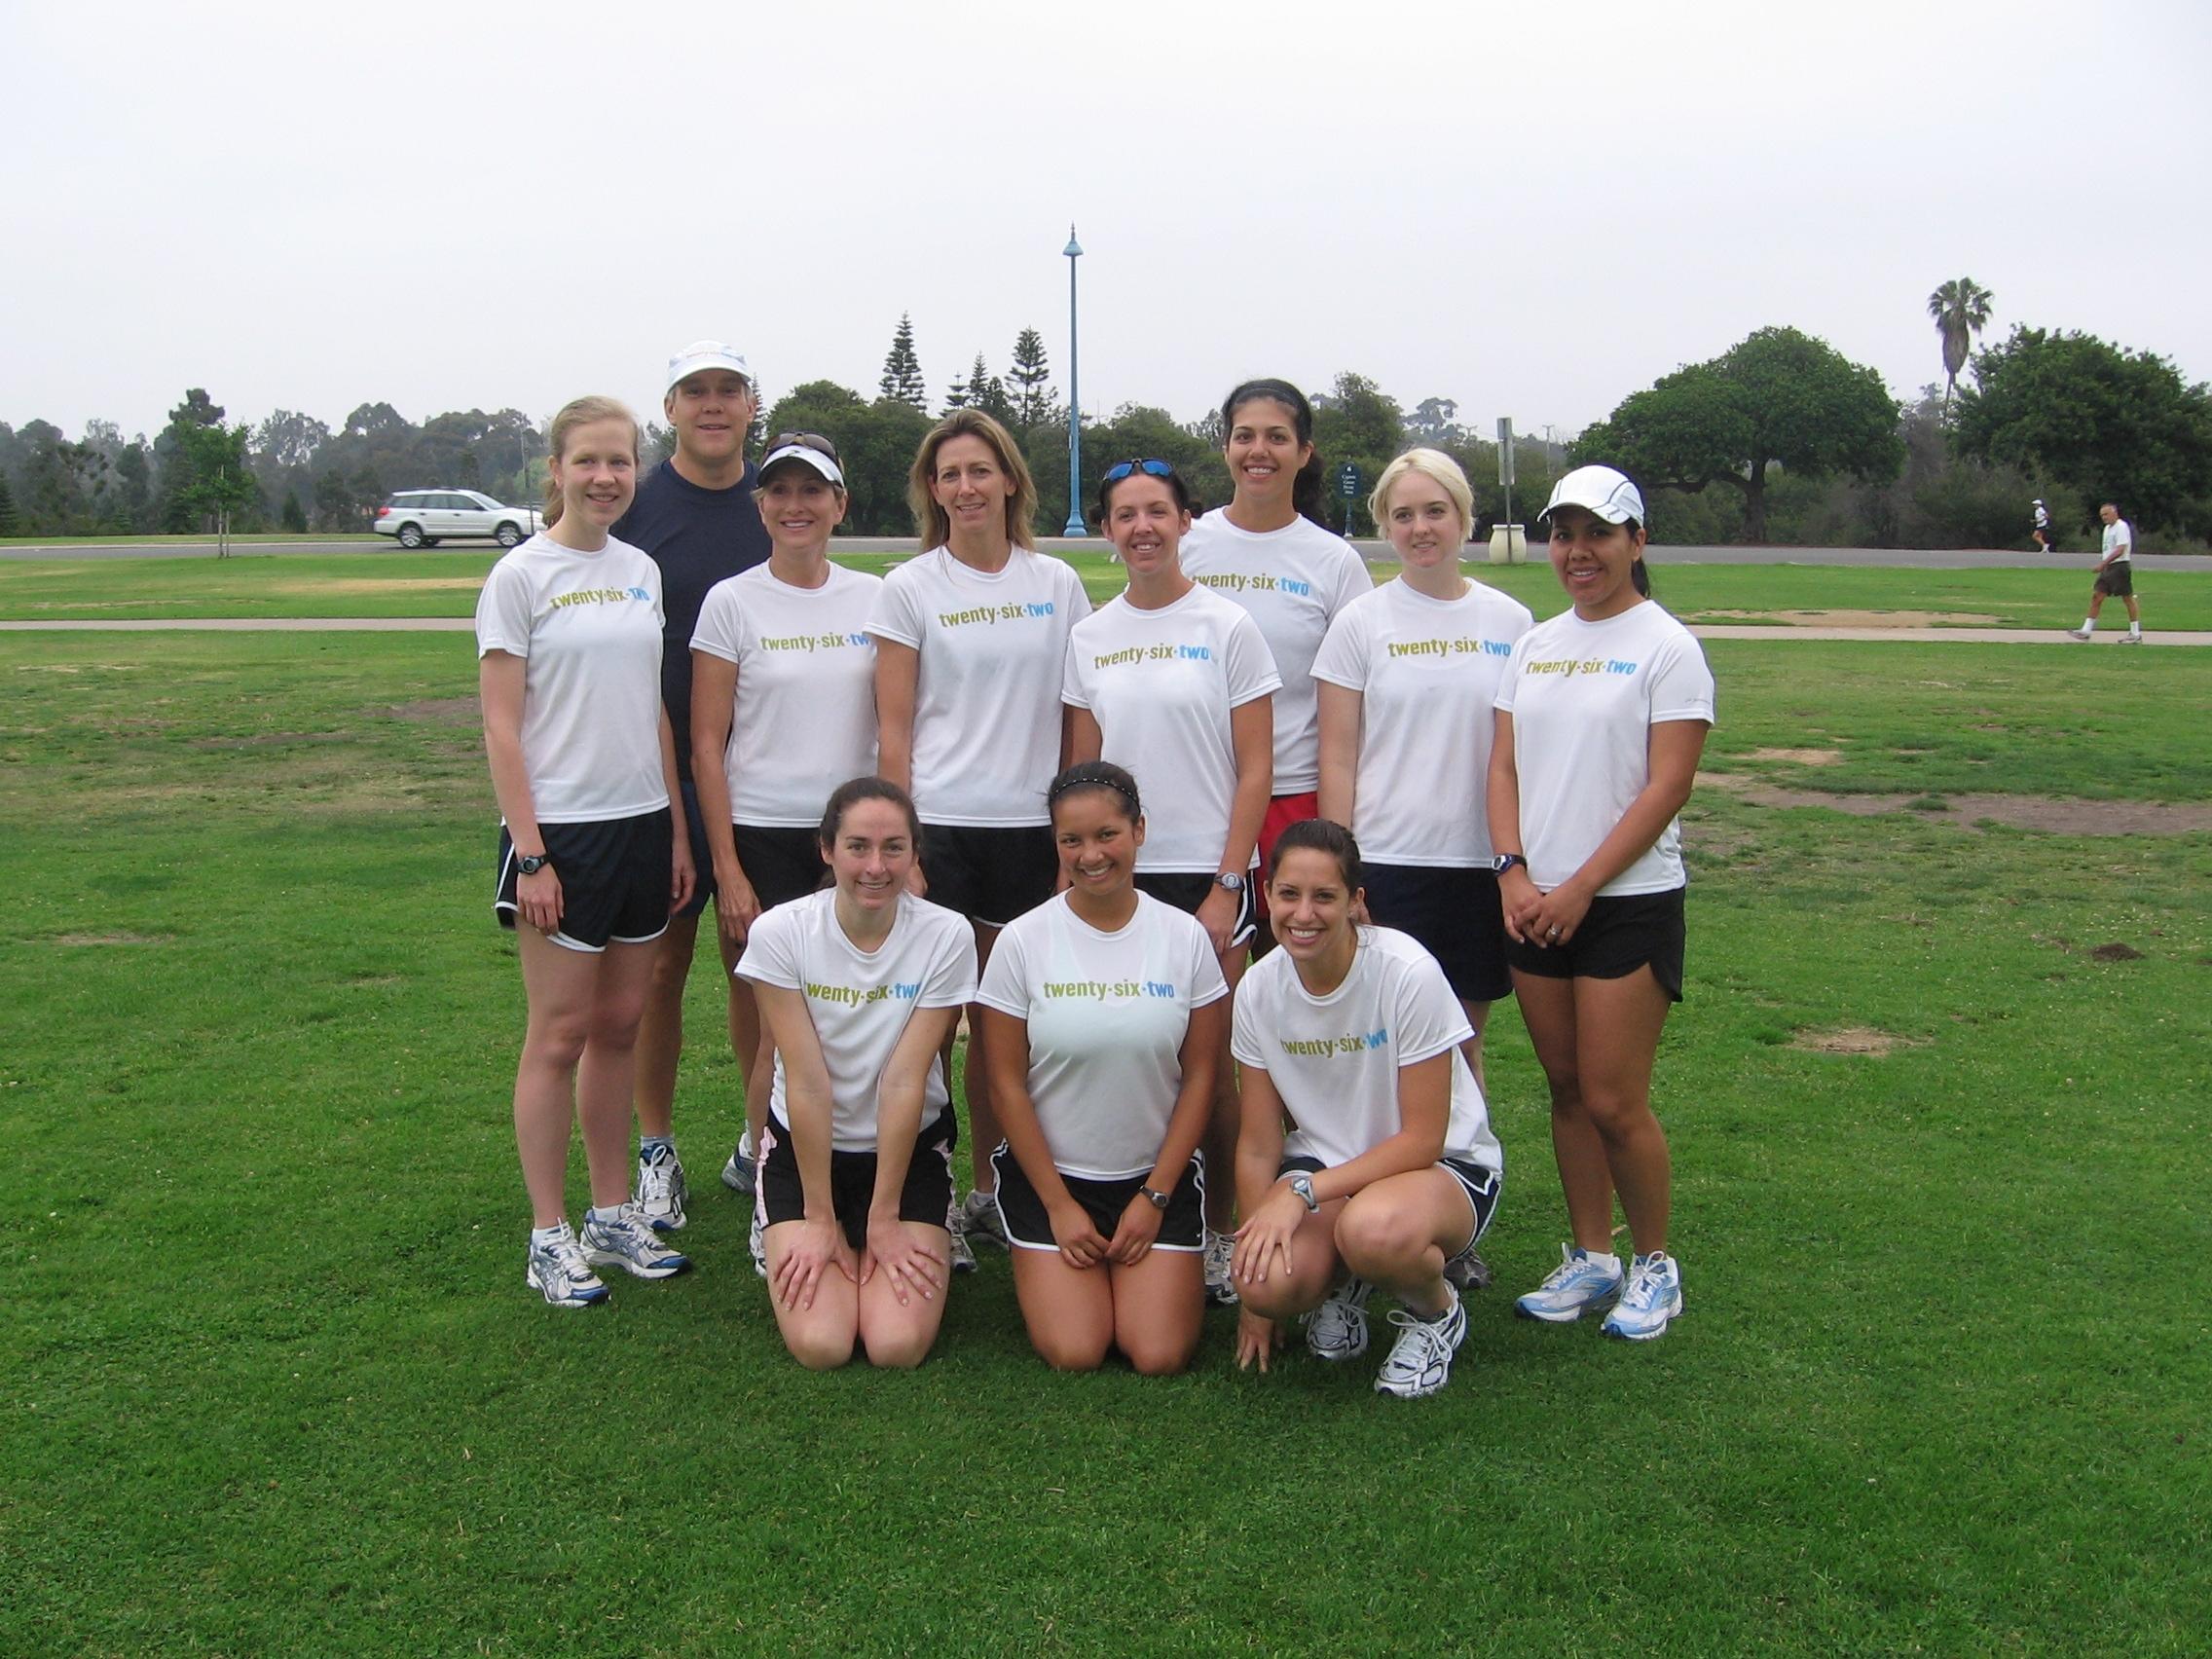 Team relays